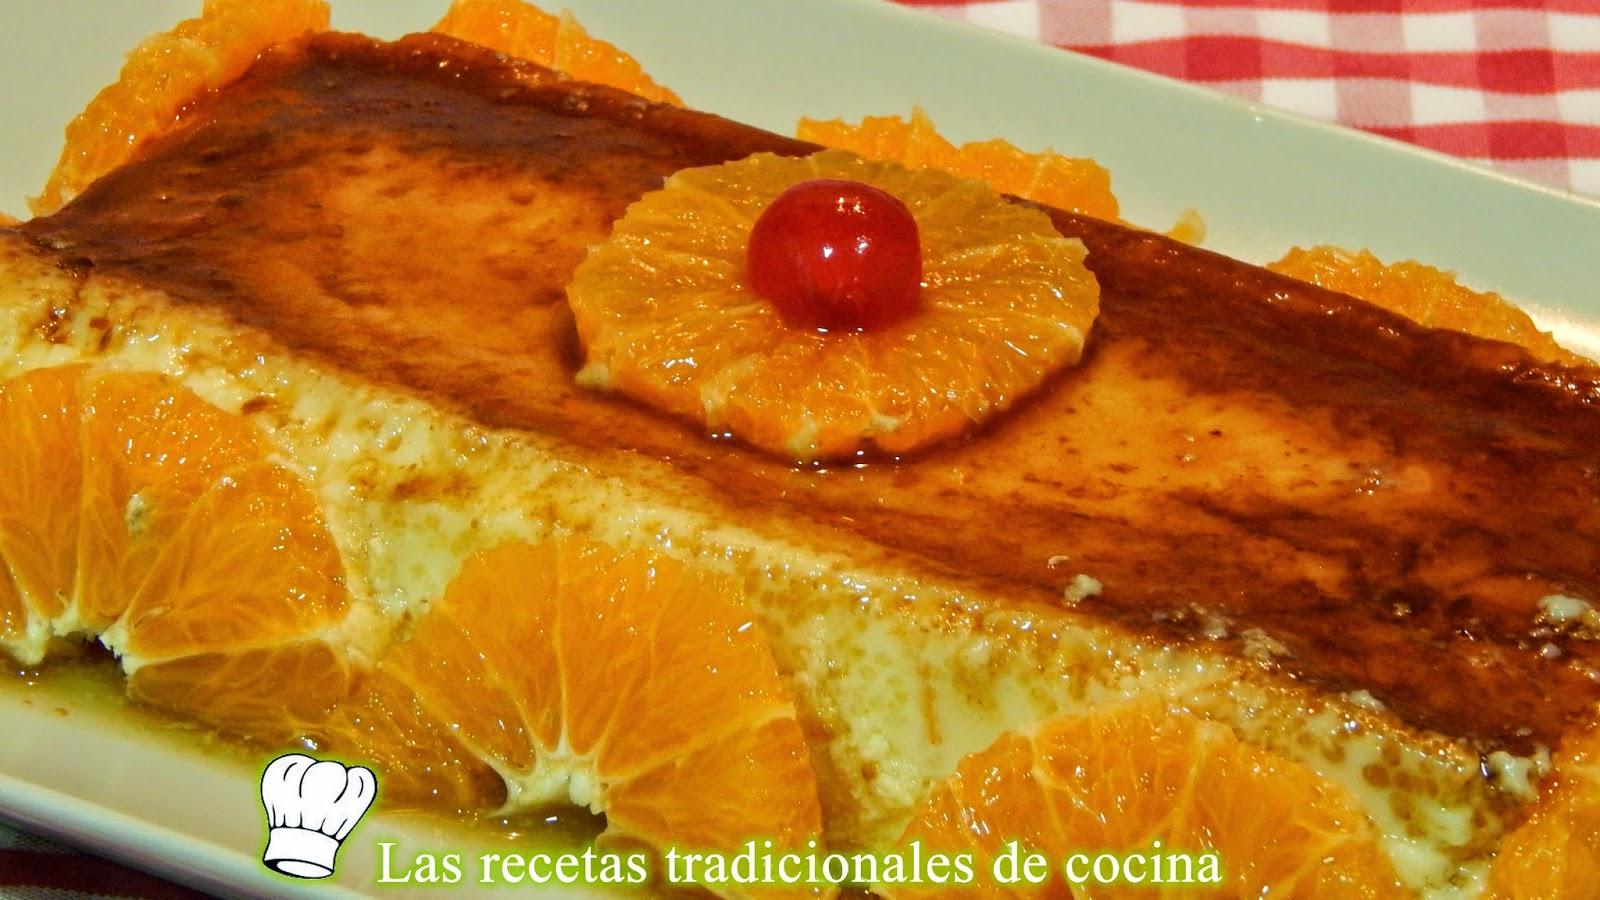 Receta fácil de flan de clementina